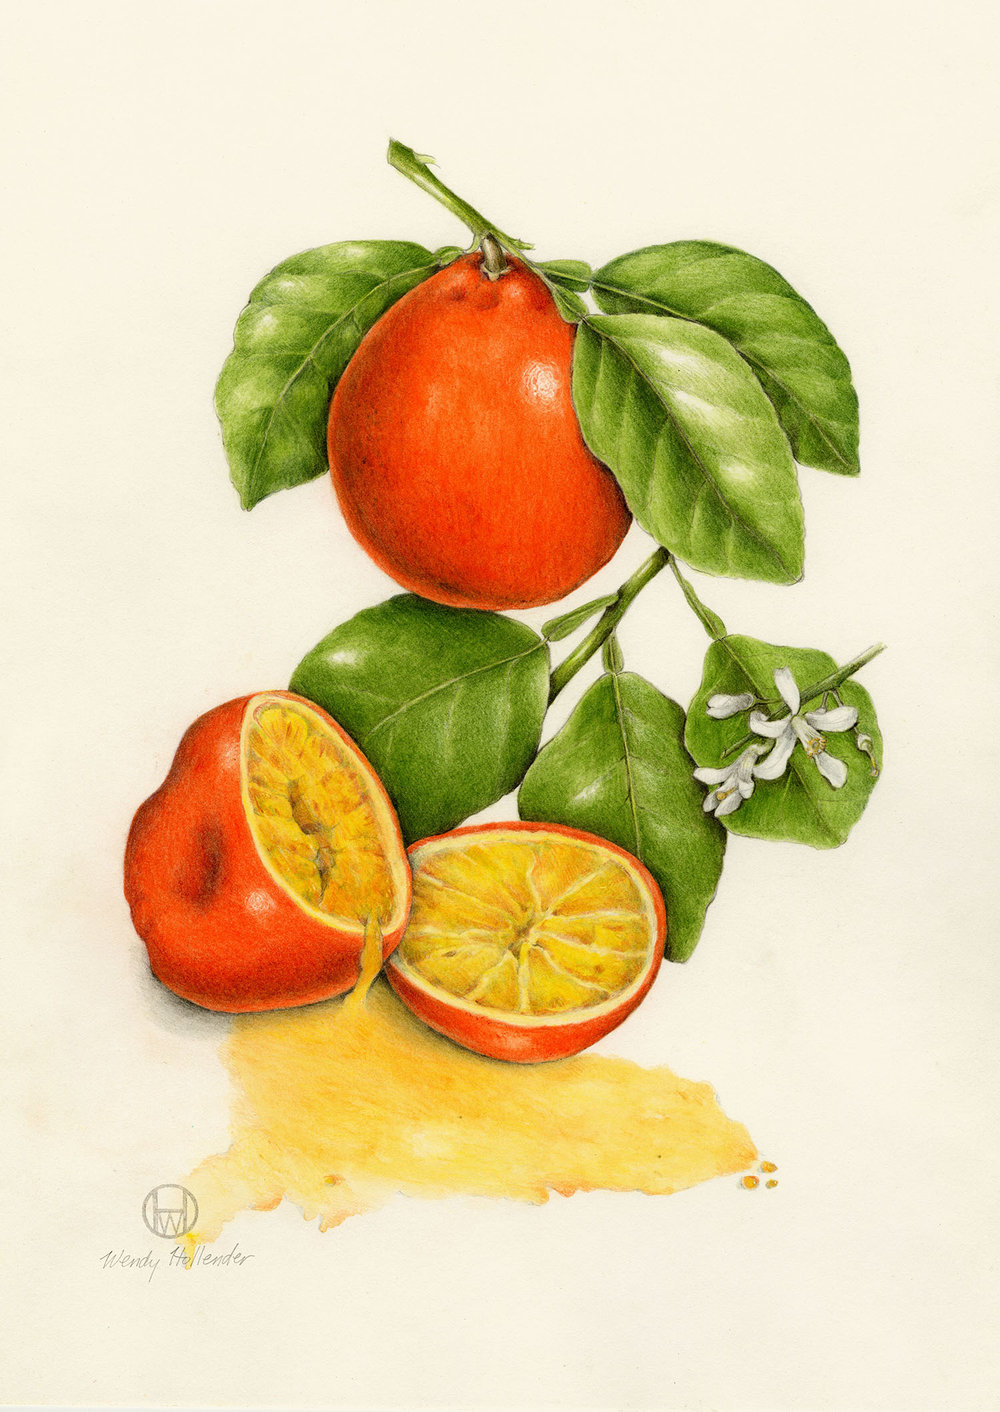 Tangelo - Citrus × tangelo